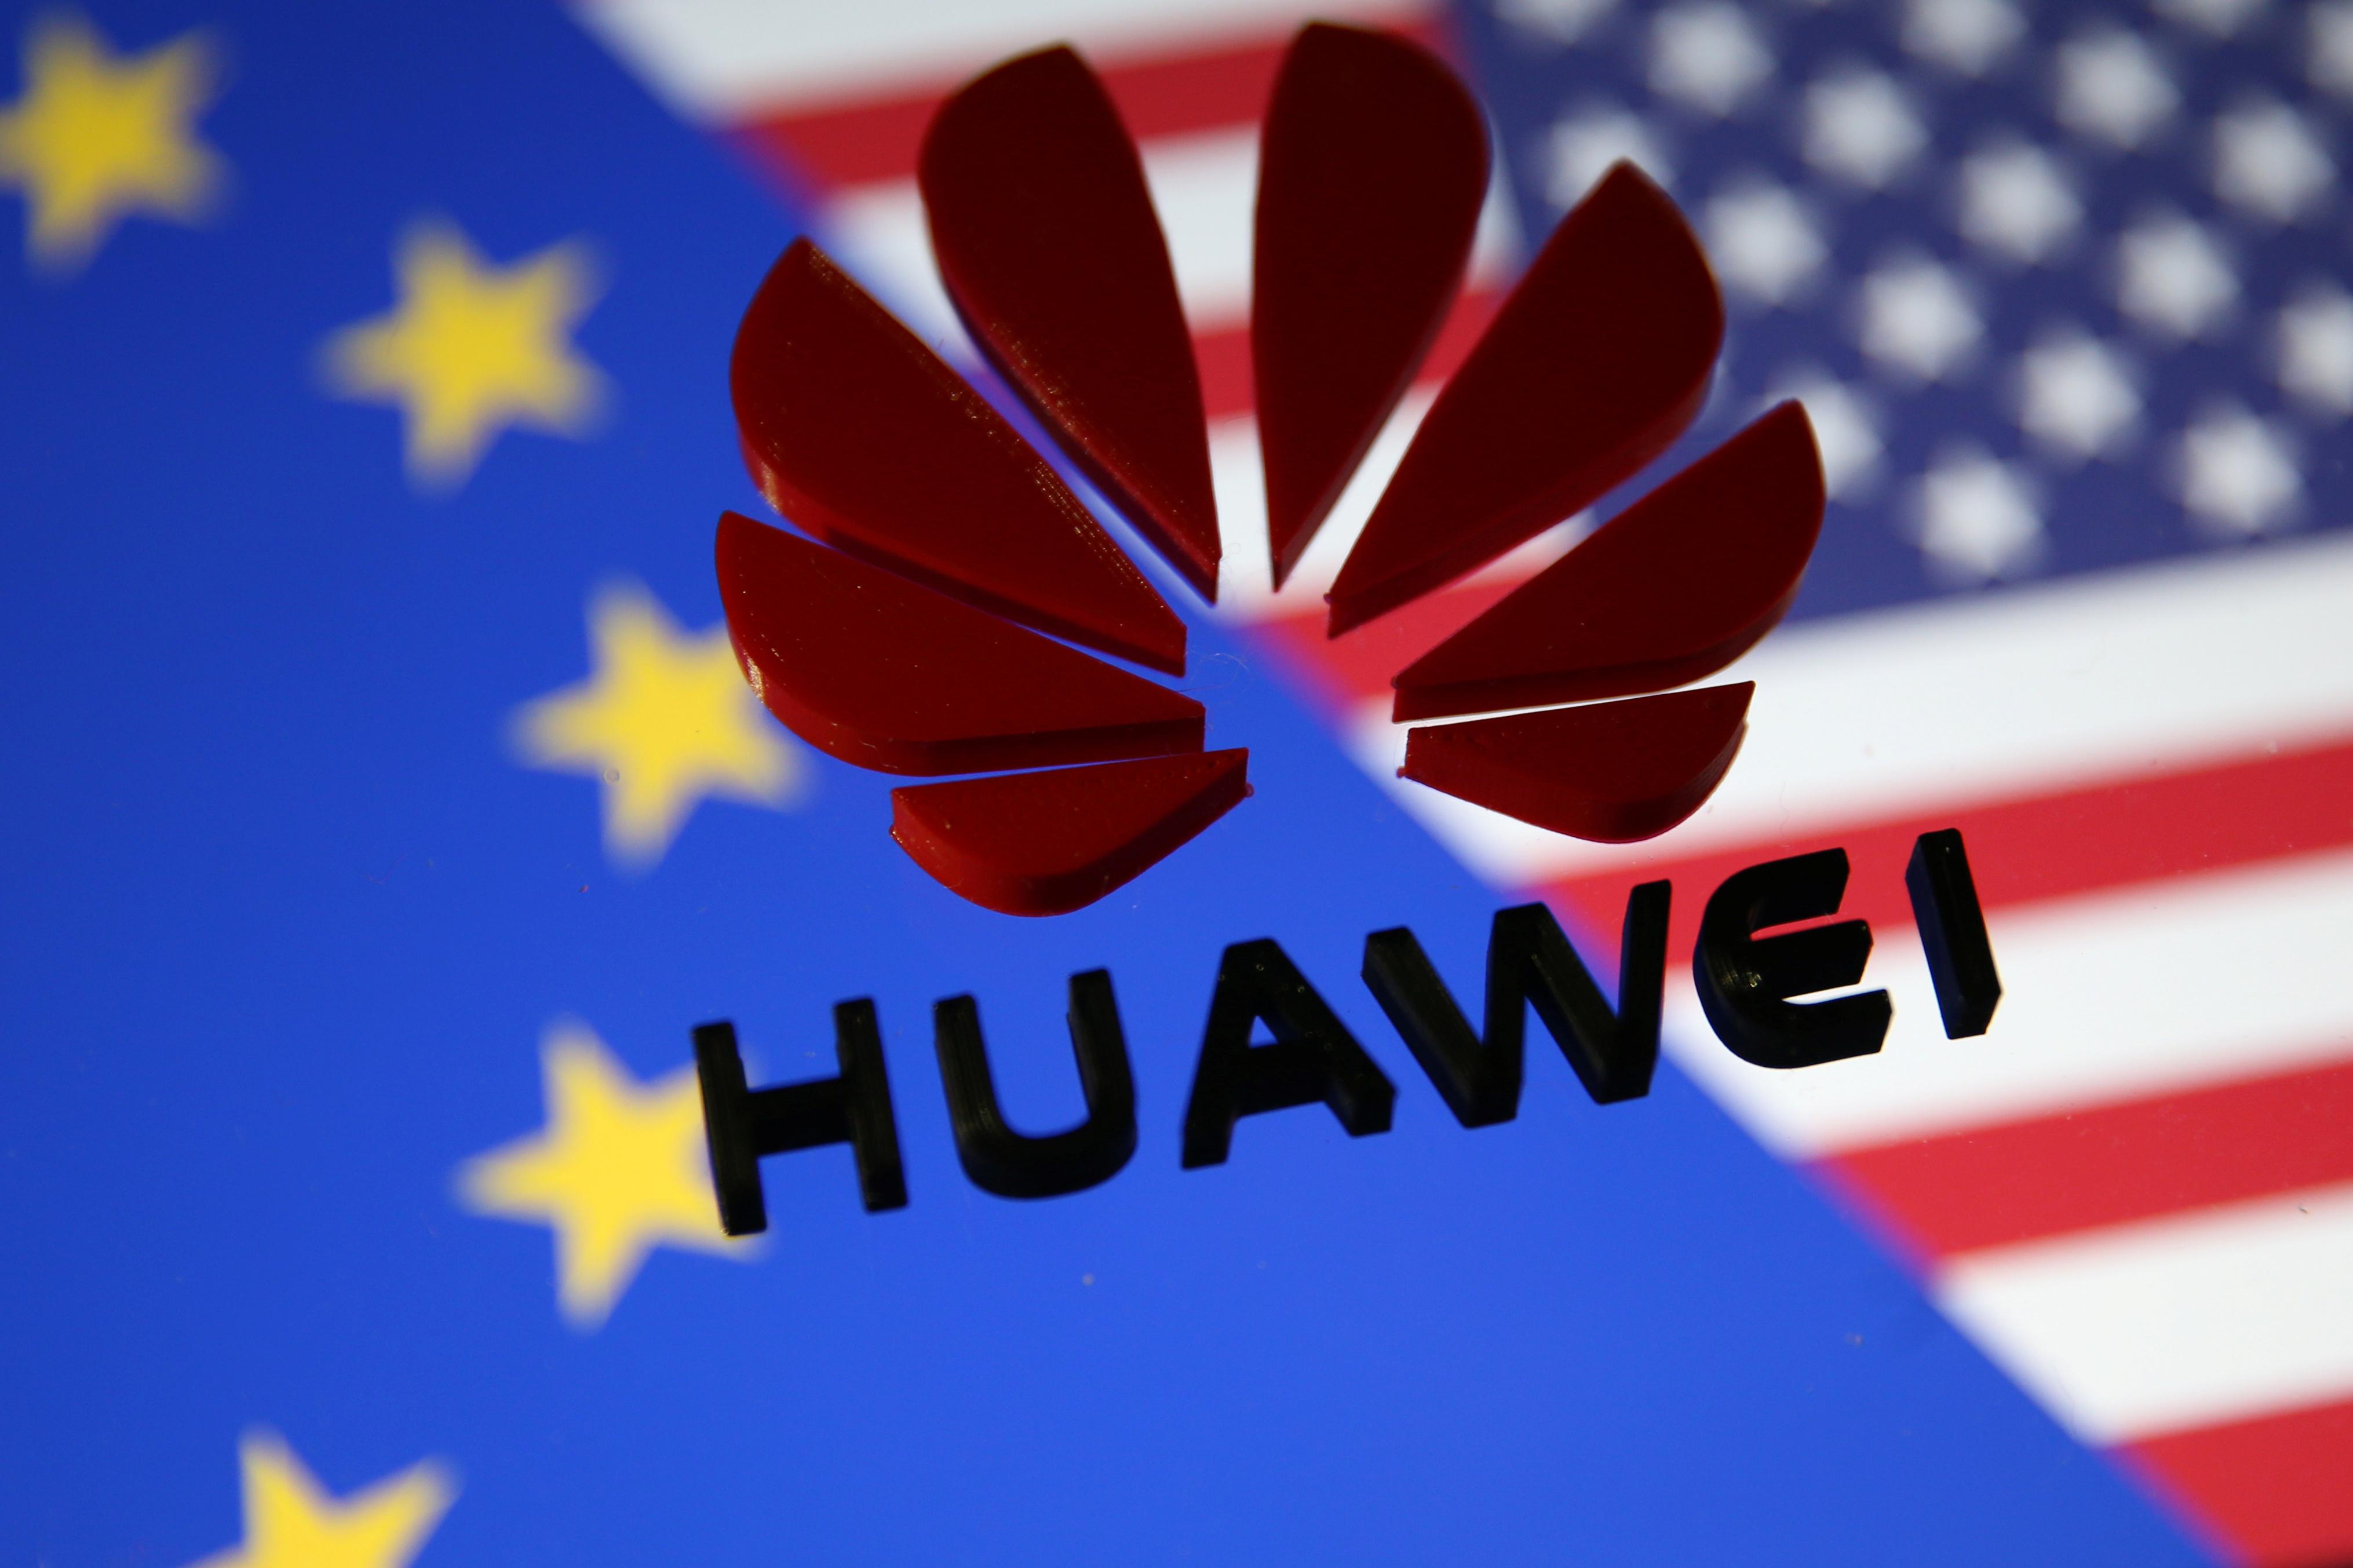 L'Affaire Huawei rebat les cartes de la 5G en Europe